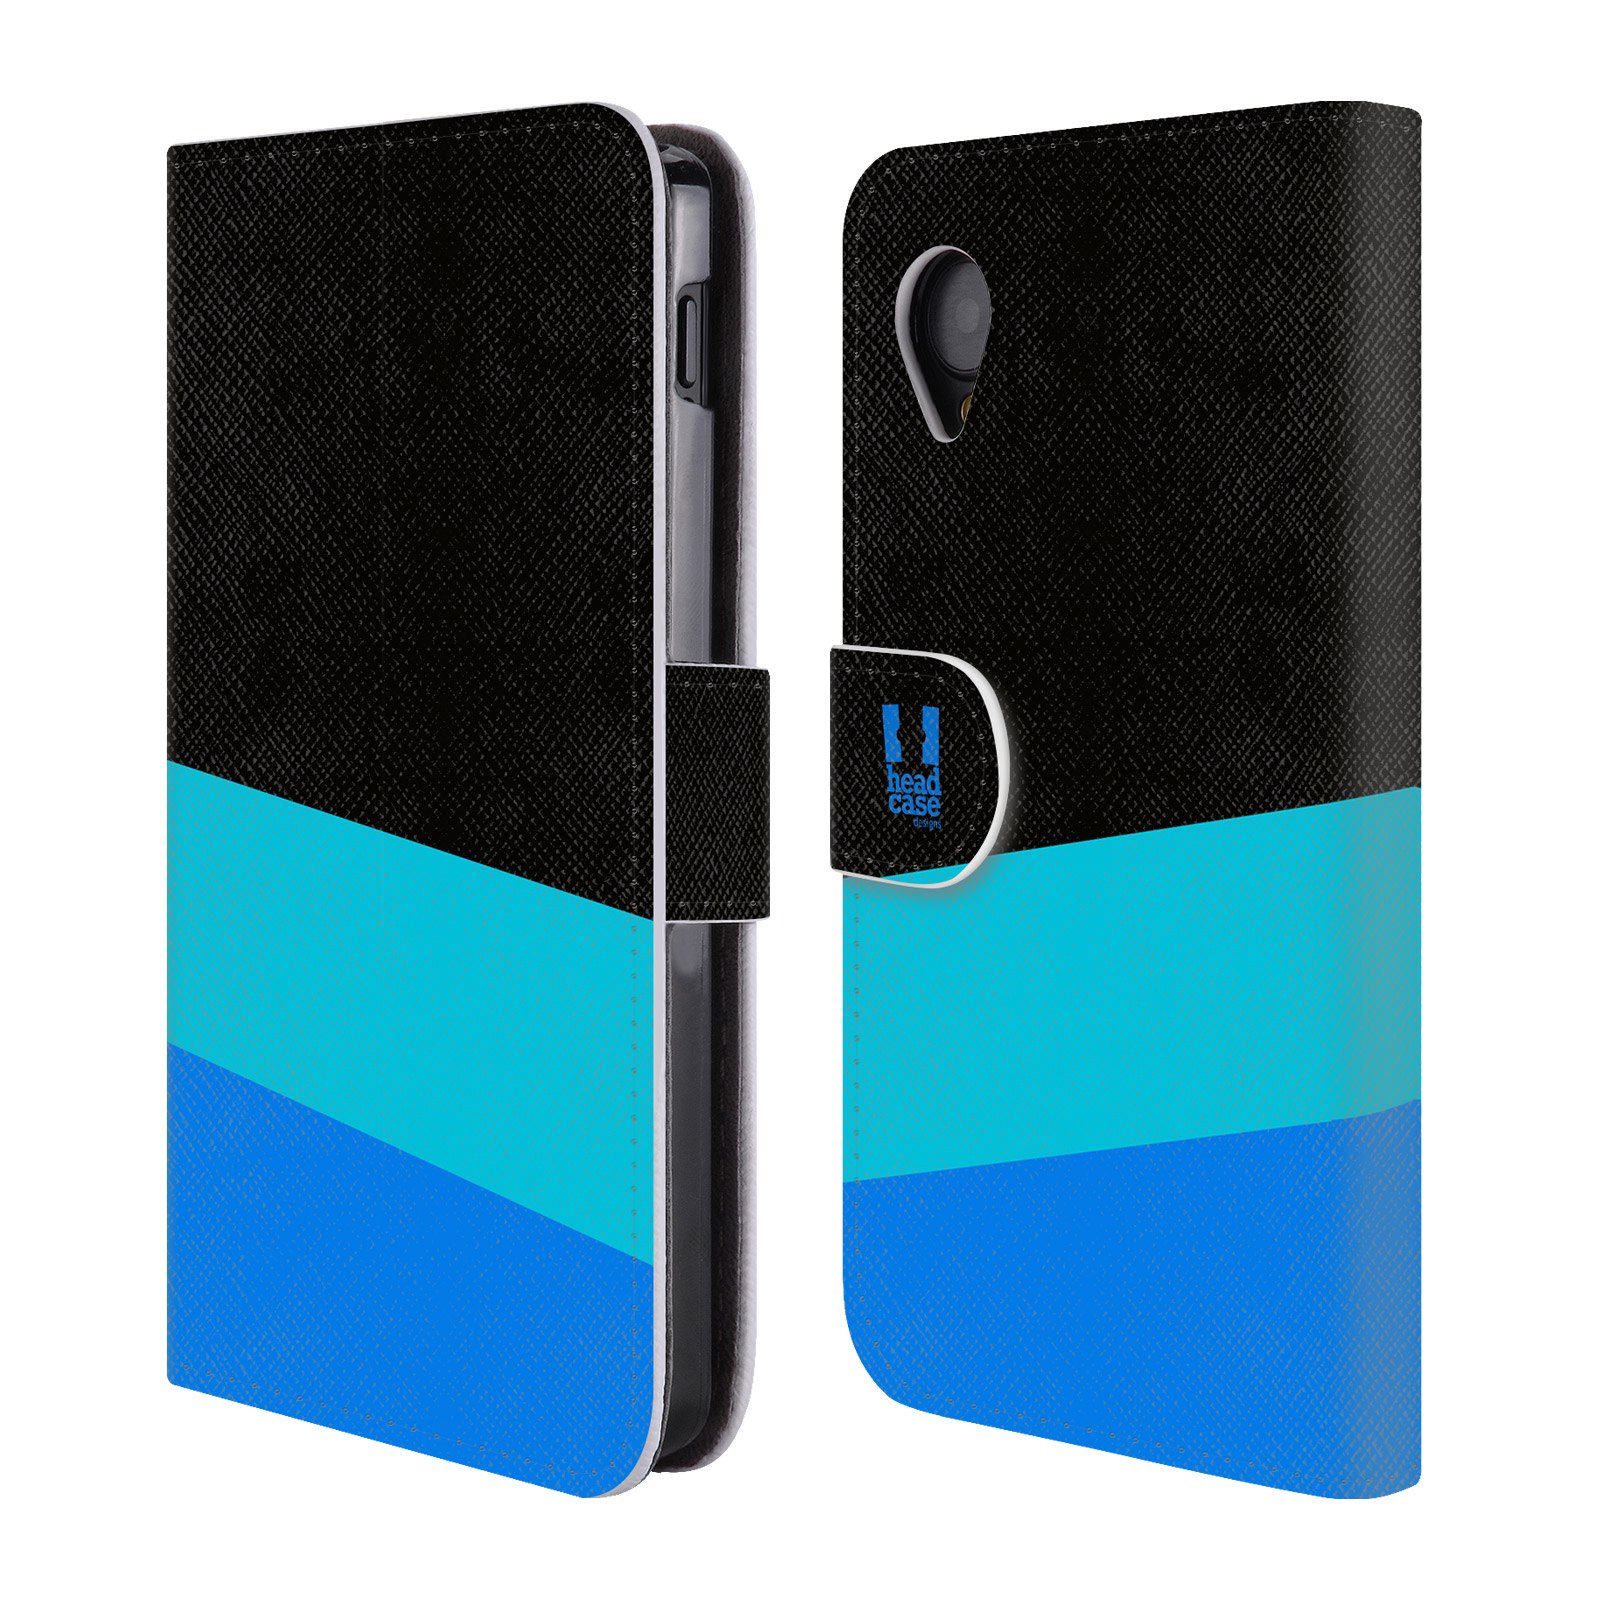 HEAD CASE Flipové pouzdro pro mobil LG GOOGLE NEXUS 5 barevné tvary modrá a černá FORMAL